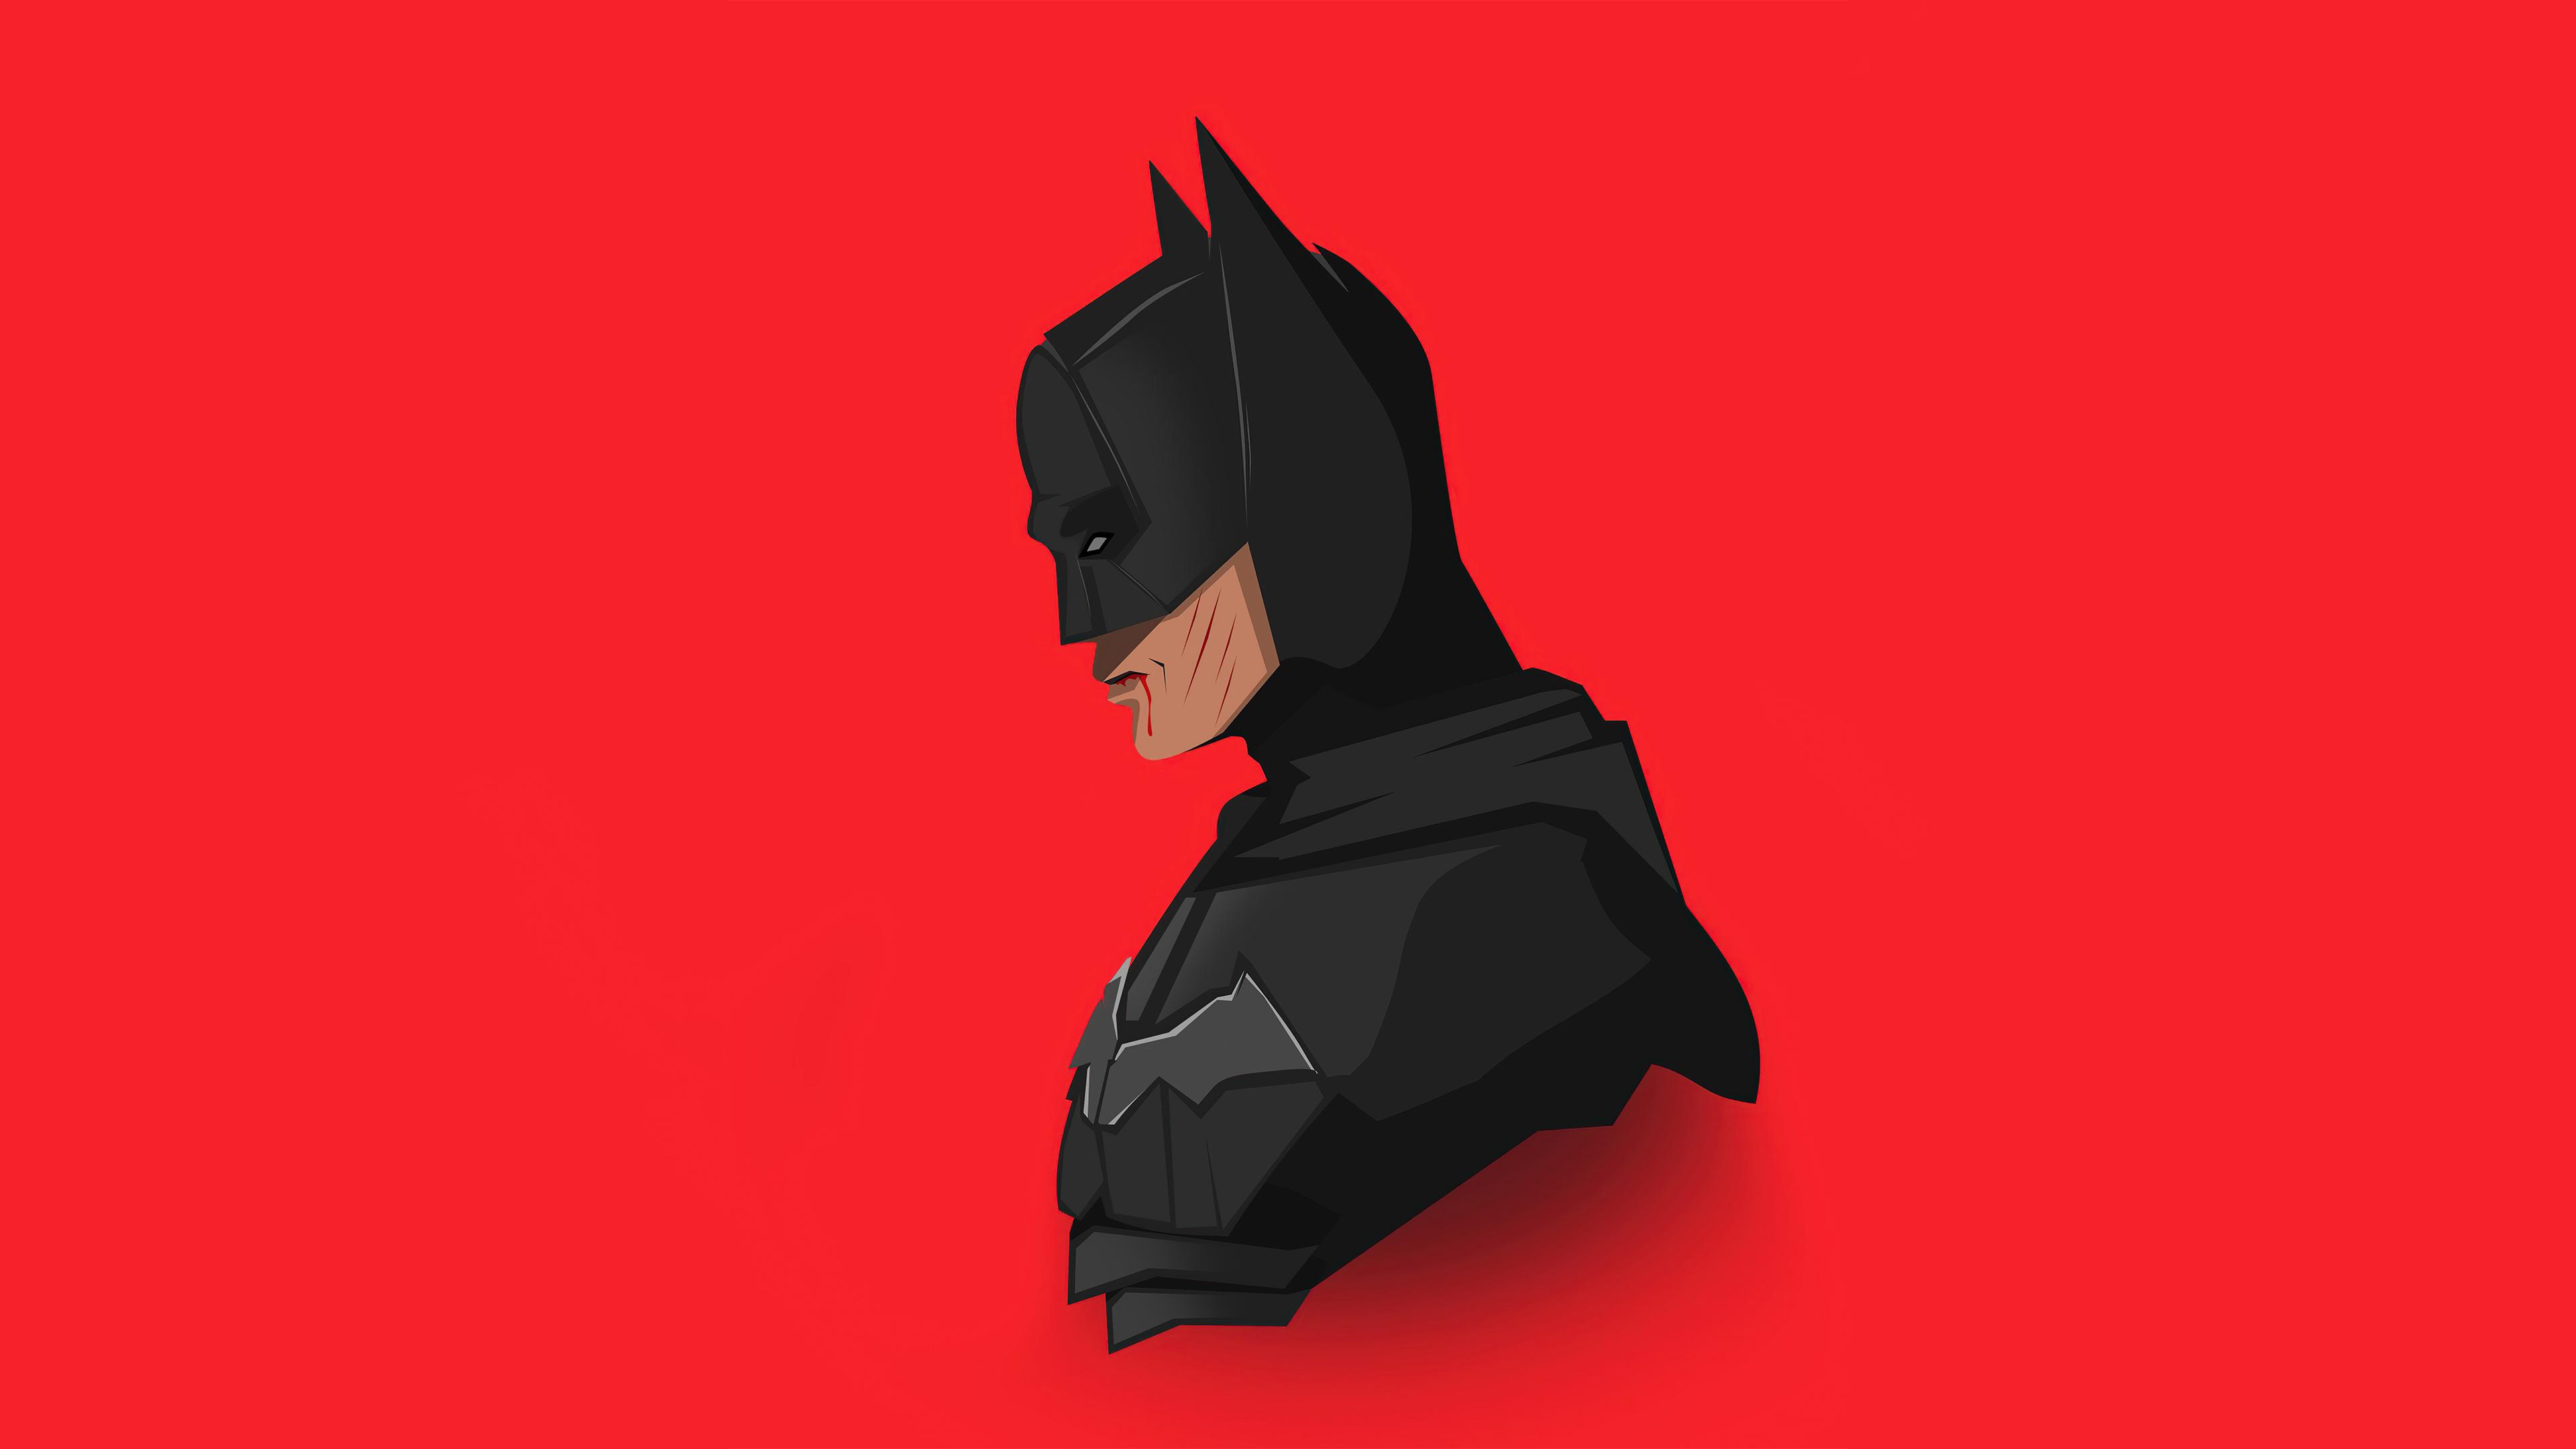 The Batman 2021 4k Minimalism Wallpaper, HD Minimalist 4K ...